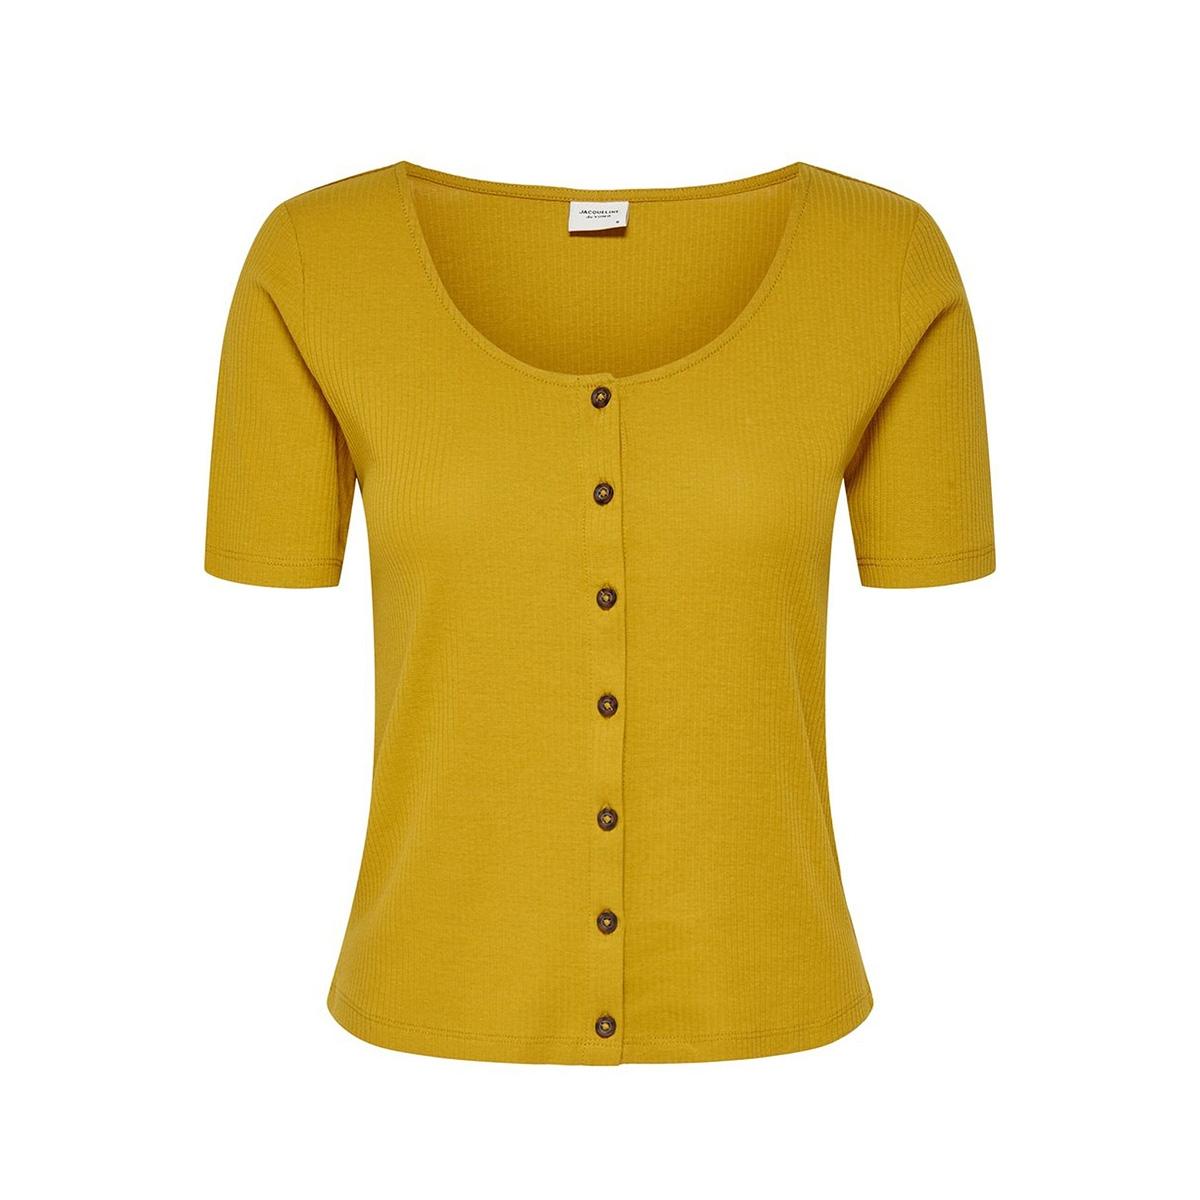 jdynevada treats s/s button top jrs 15179979 jacqueline de yong t-shirt harvest gold